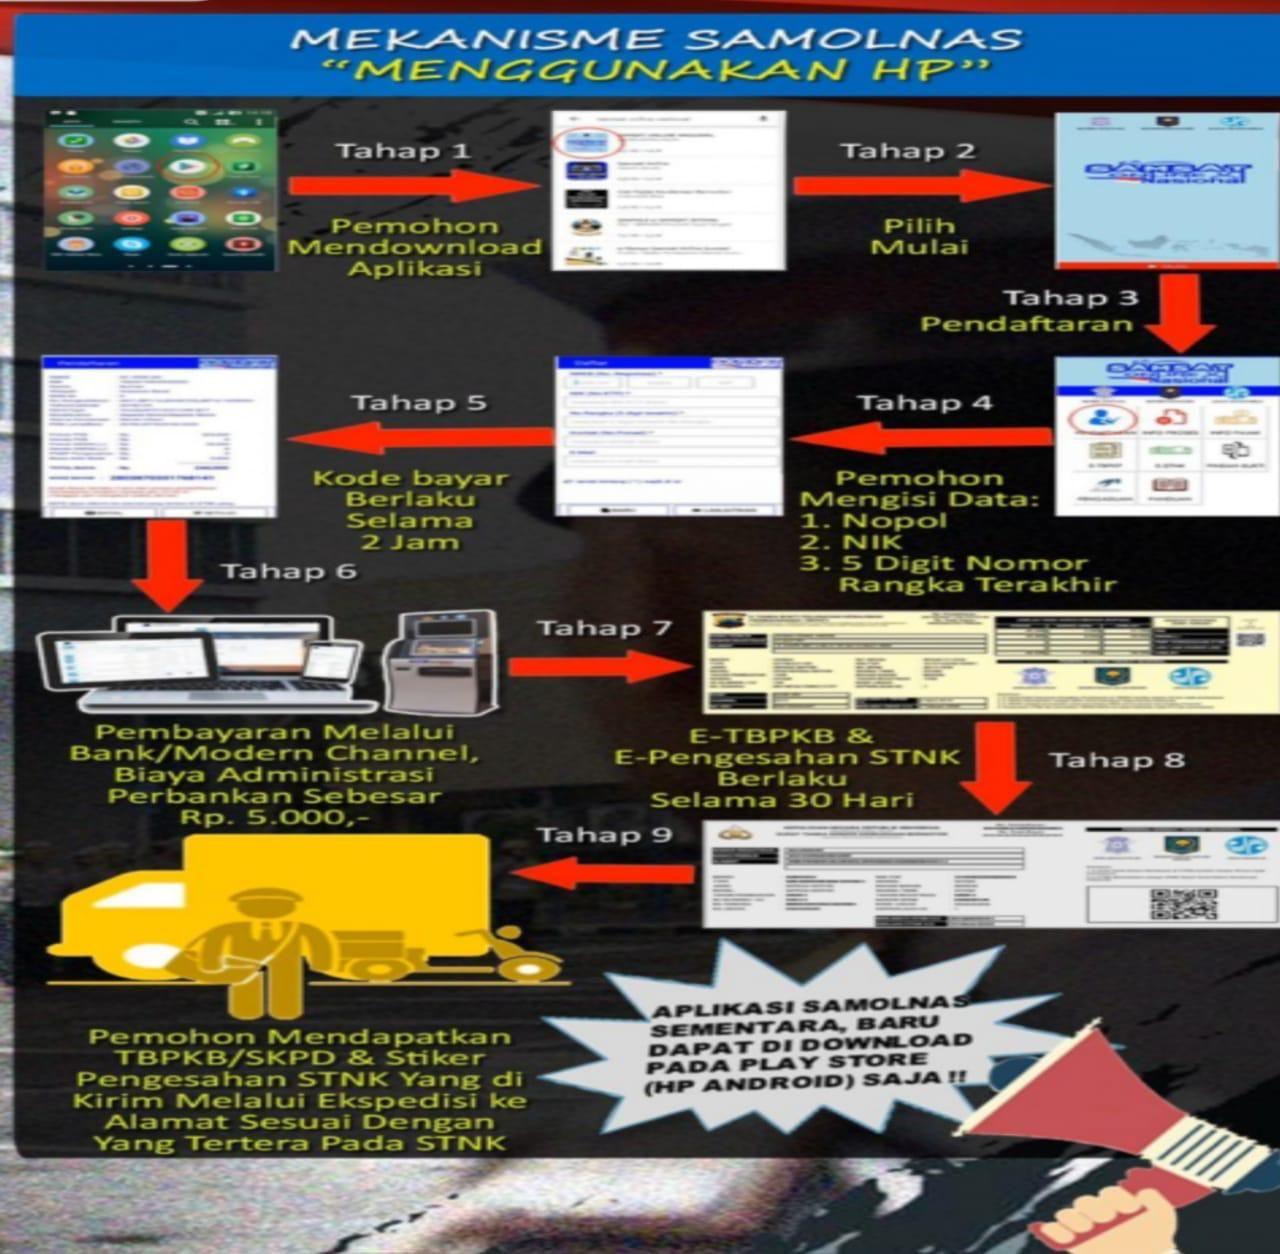 Cara download aplikasi bayar pajak online